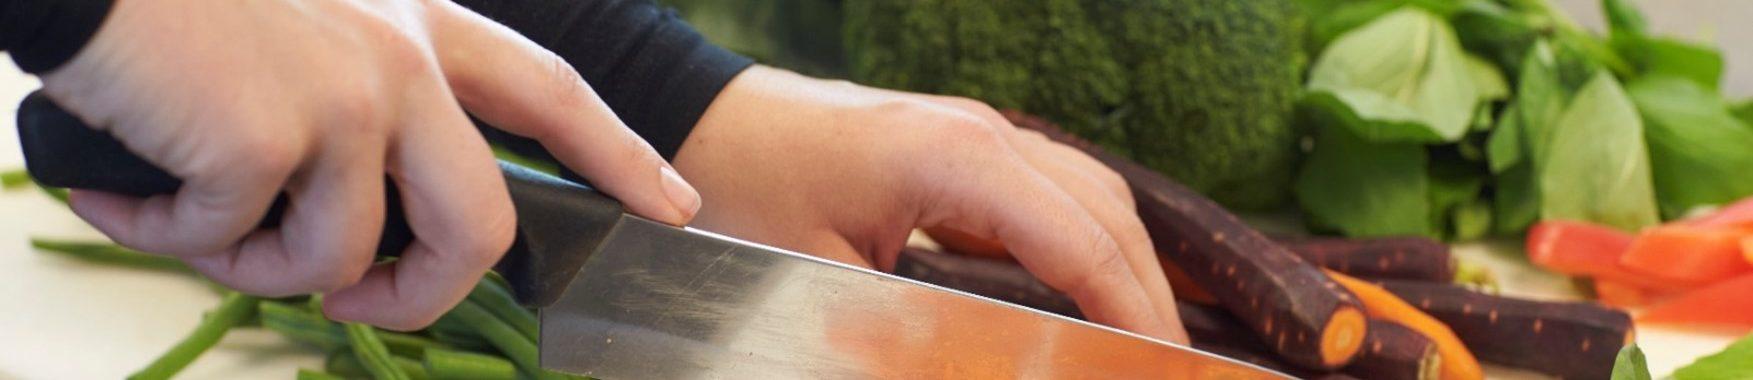 Sund og klimavenlig mad i professionelle køkkener